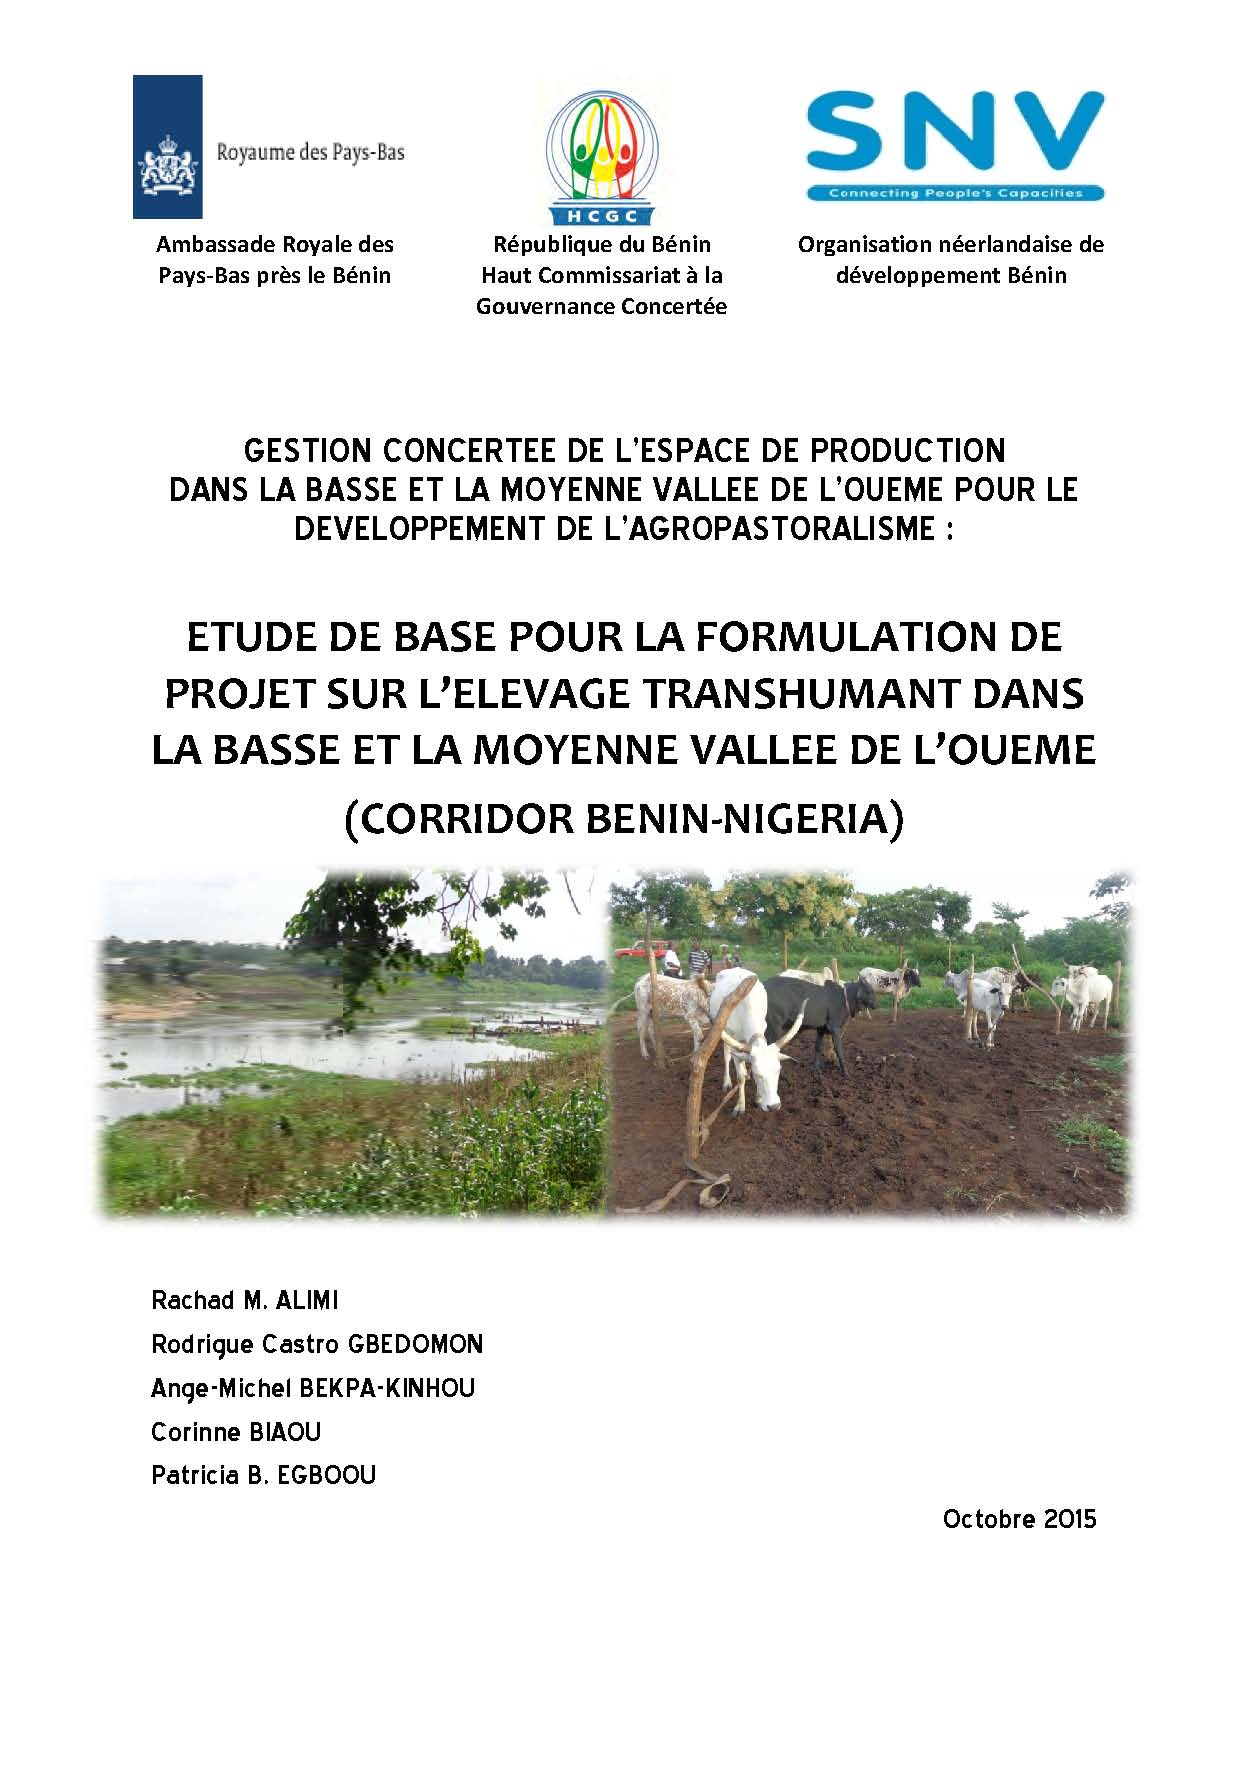 Etude de base pour la formulation de projet sur l'élevage transhumant dans la basse et moyenne vallée de l'Ouémé (Corridor Bénin - Nigeria)